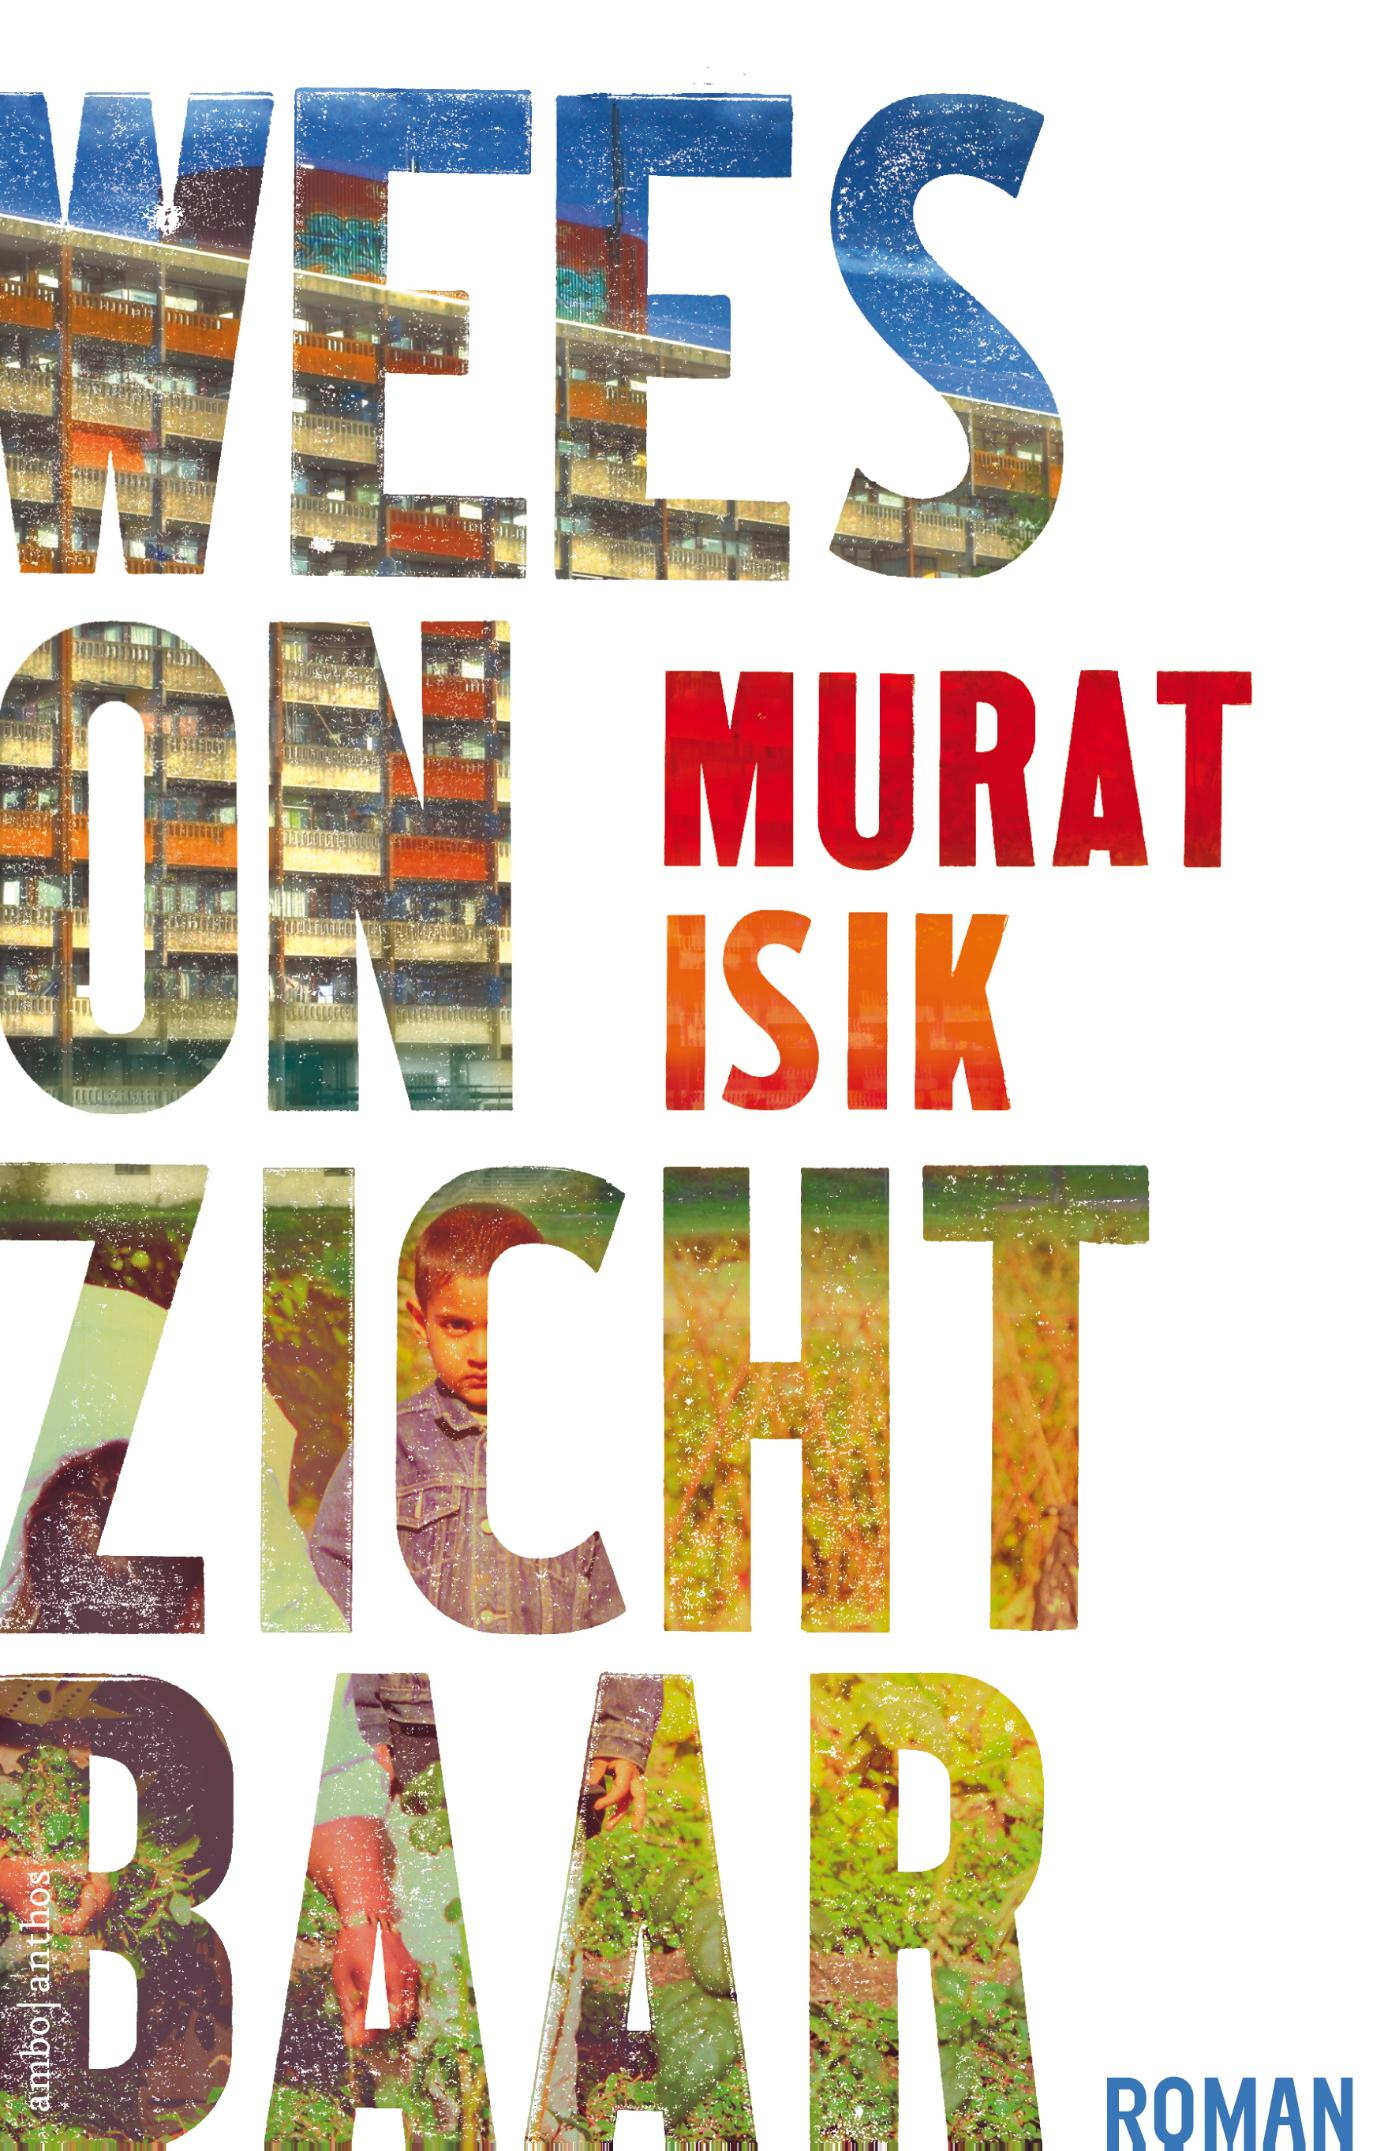 Murat Isik - Wees onzichtbaar